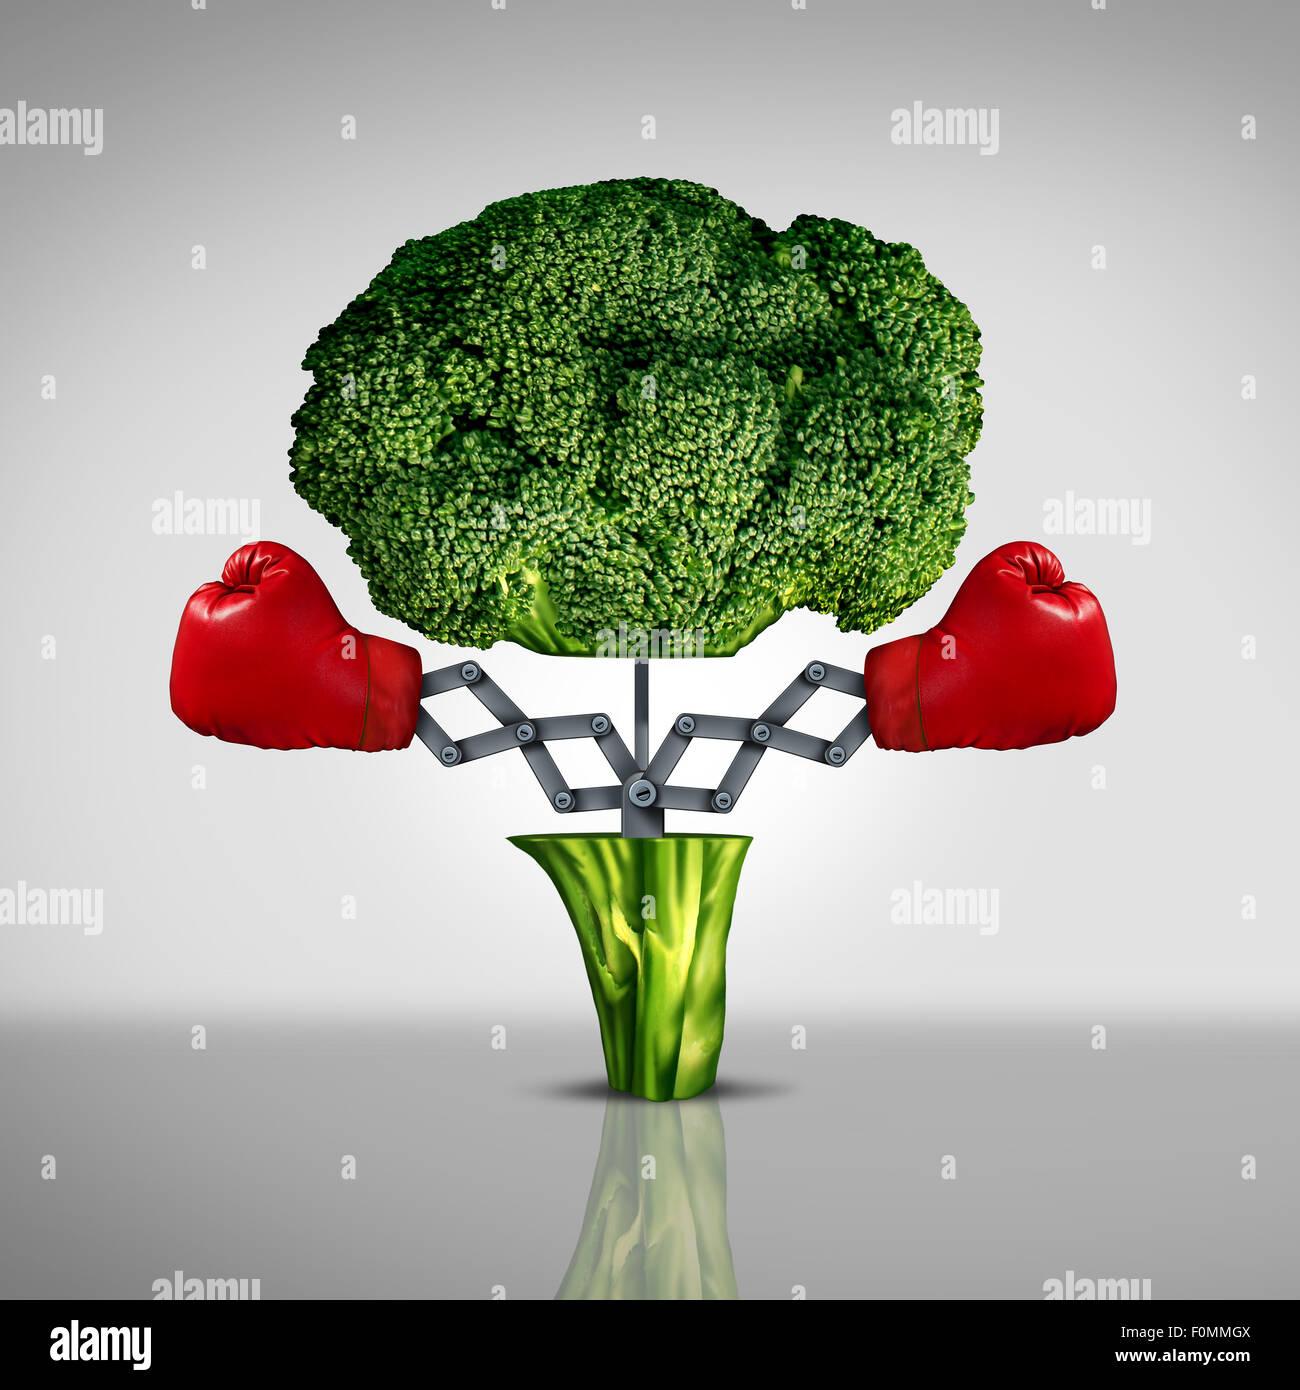 Concepto de salud protección súper alimento y el cáncer la lucha contra las enfermedades como un Imagen De Stock